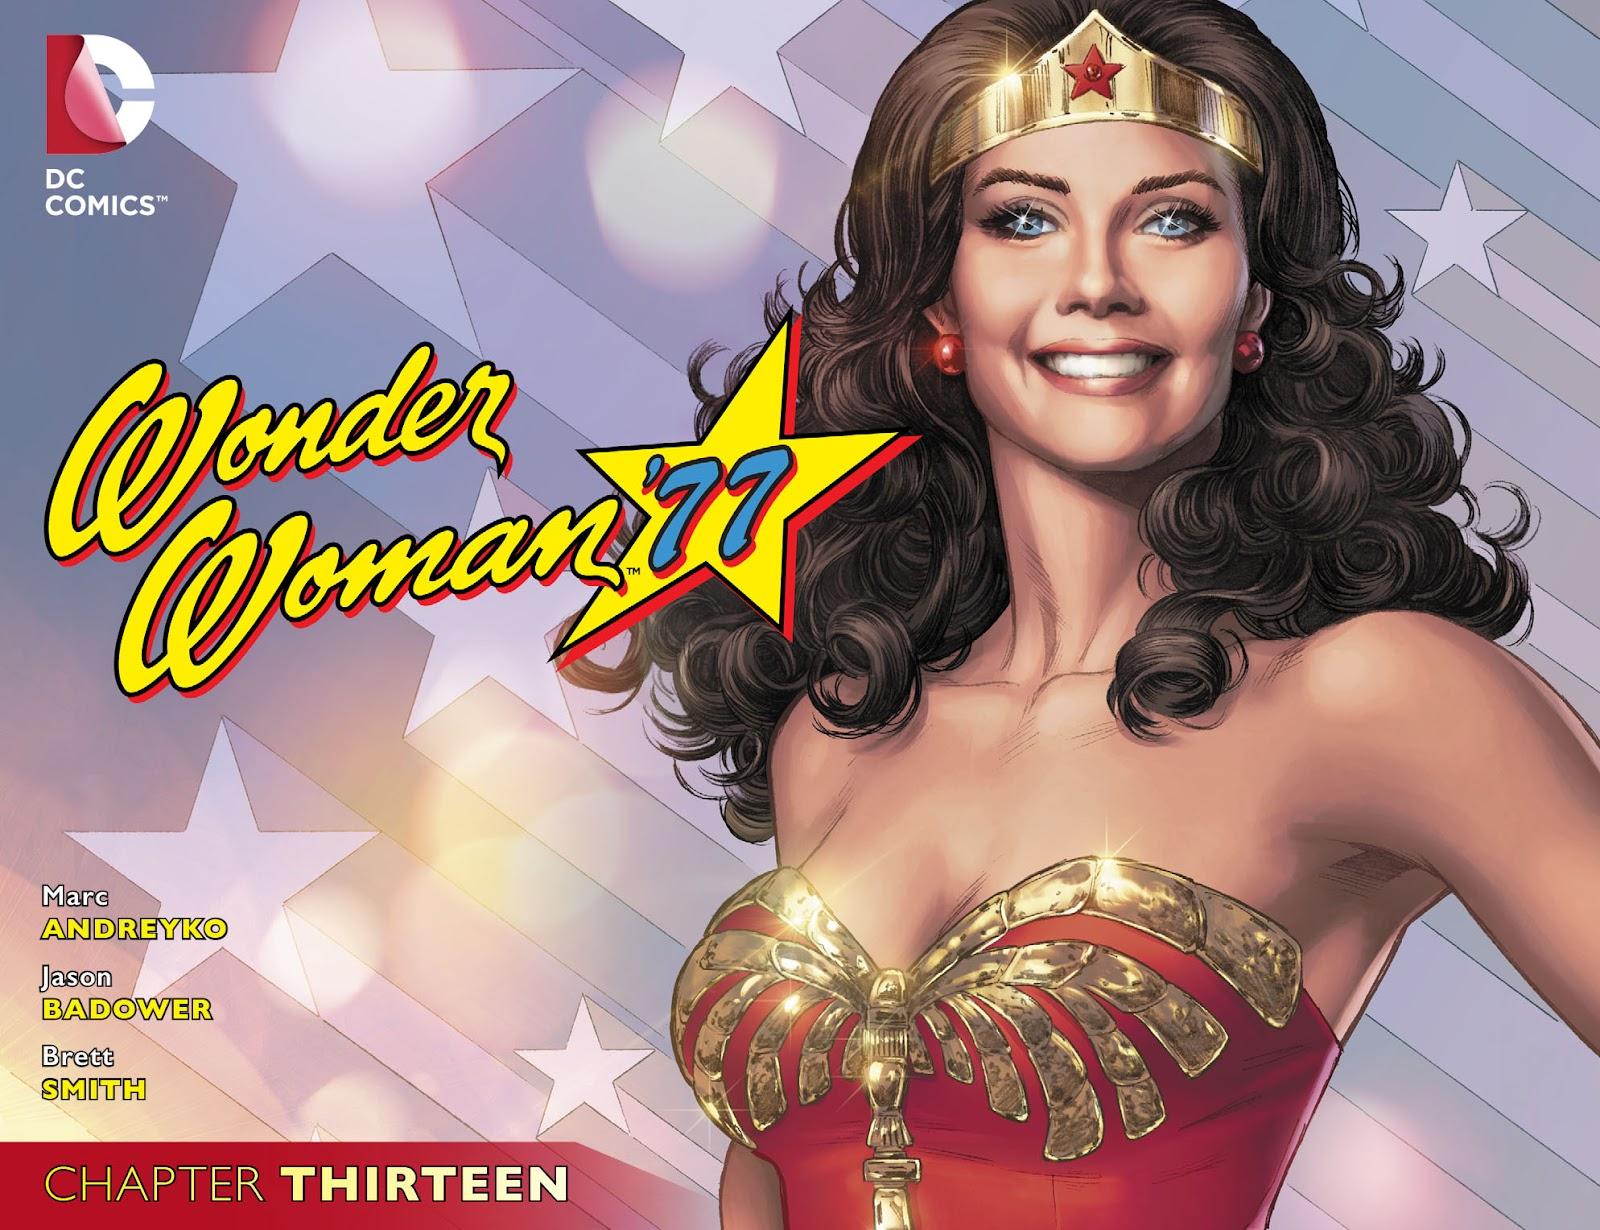 Wonder Woman 77 [I] 13 Page 1